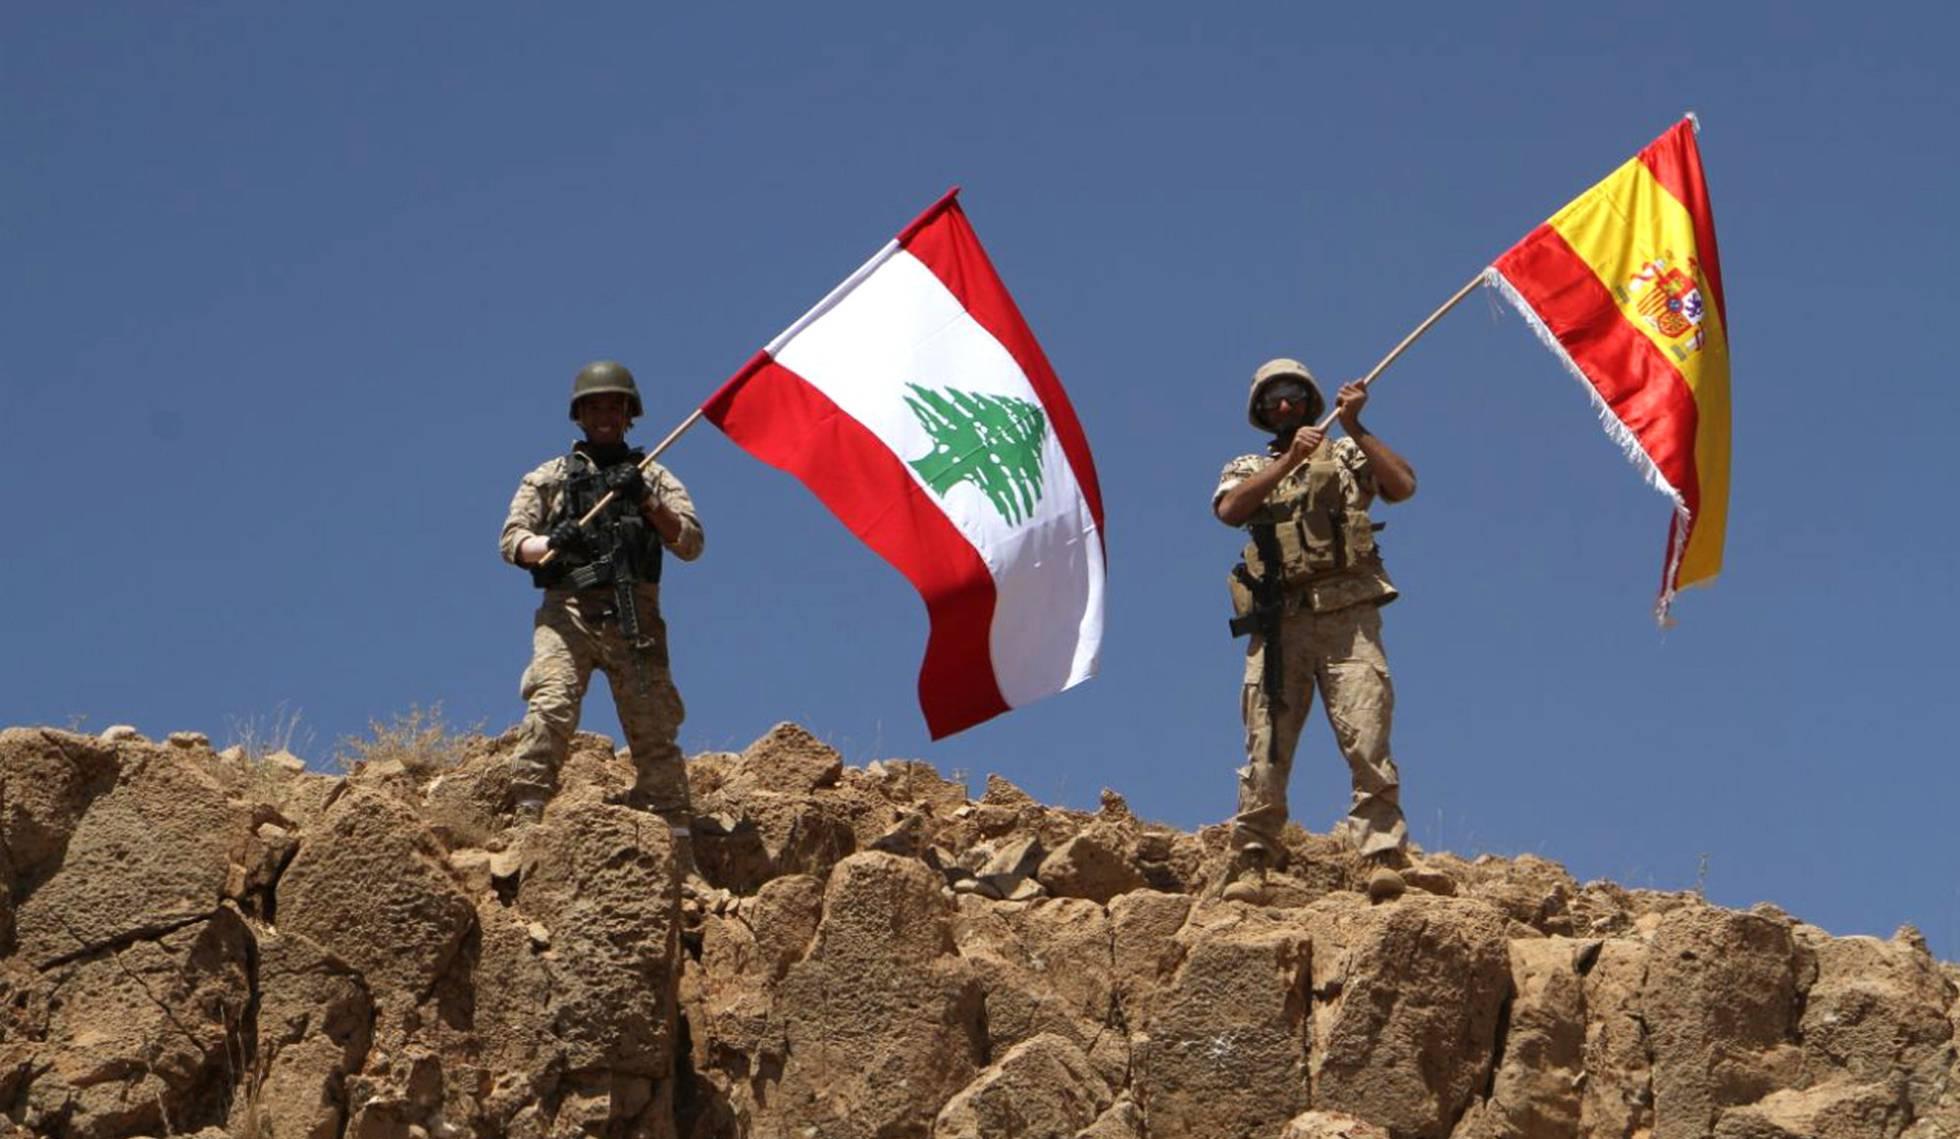 El frente sirio radical engulle un pedazo del norte de Líbano 1503242553_369099_1503259450_noticia_normal_recorte1